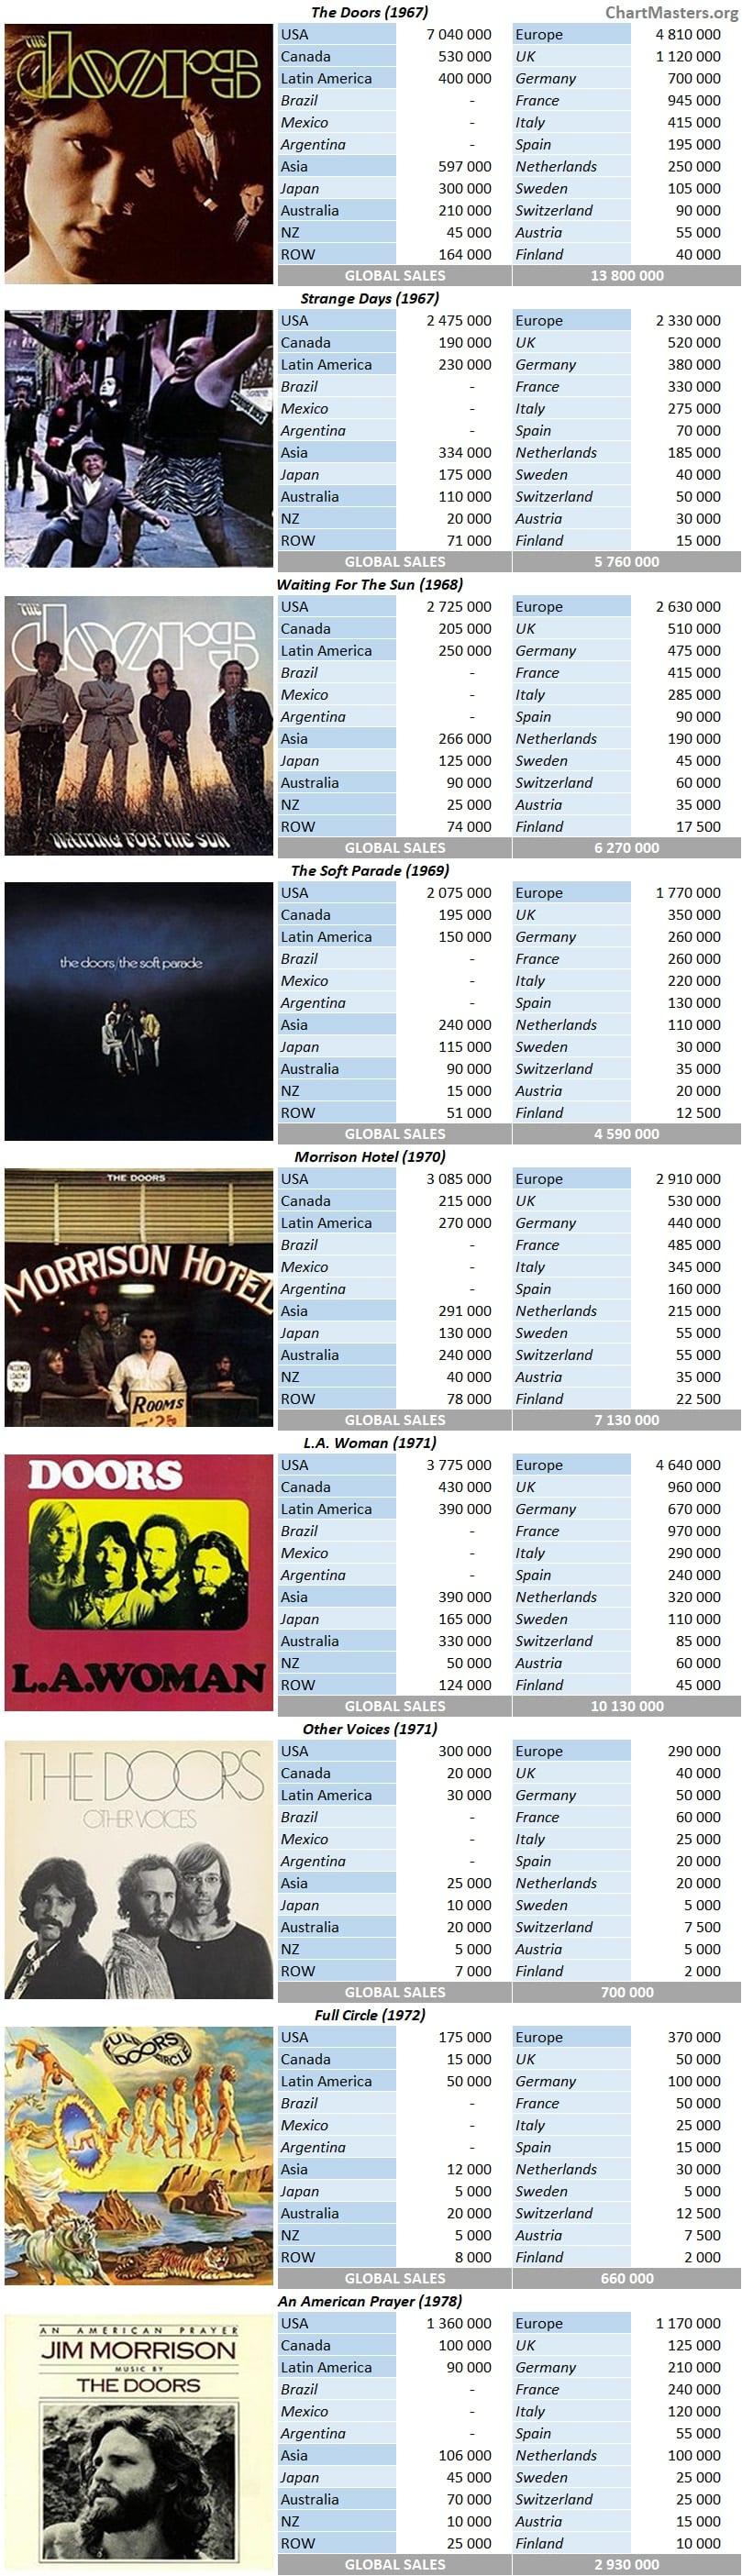 The Doors album sales breakdowns